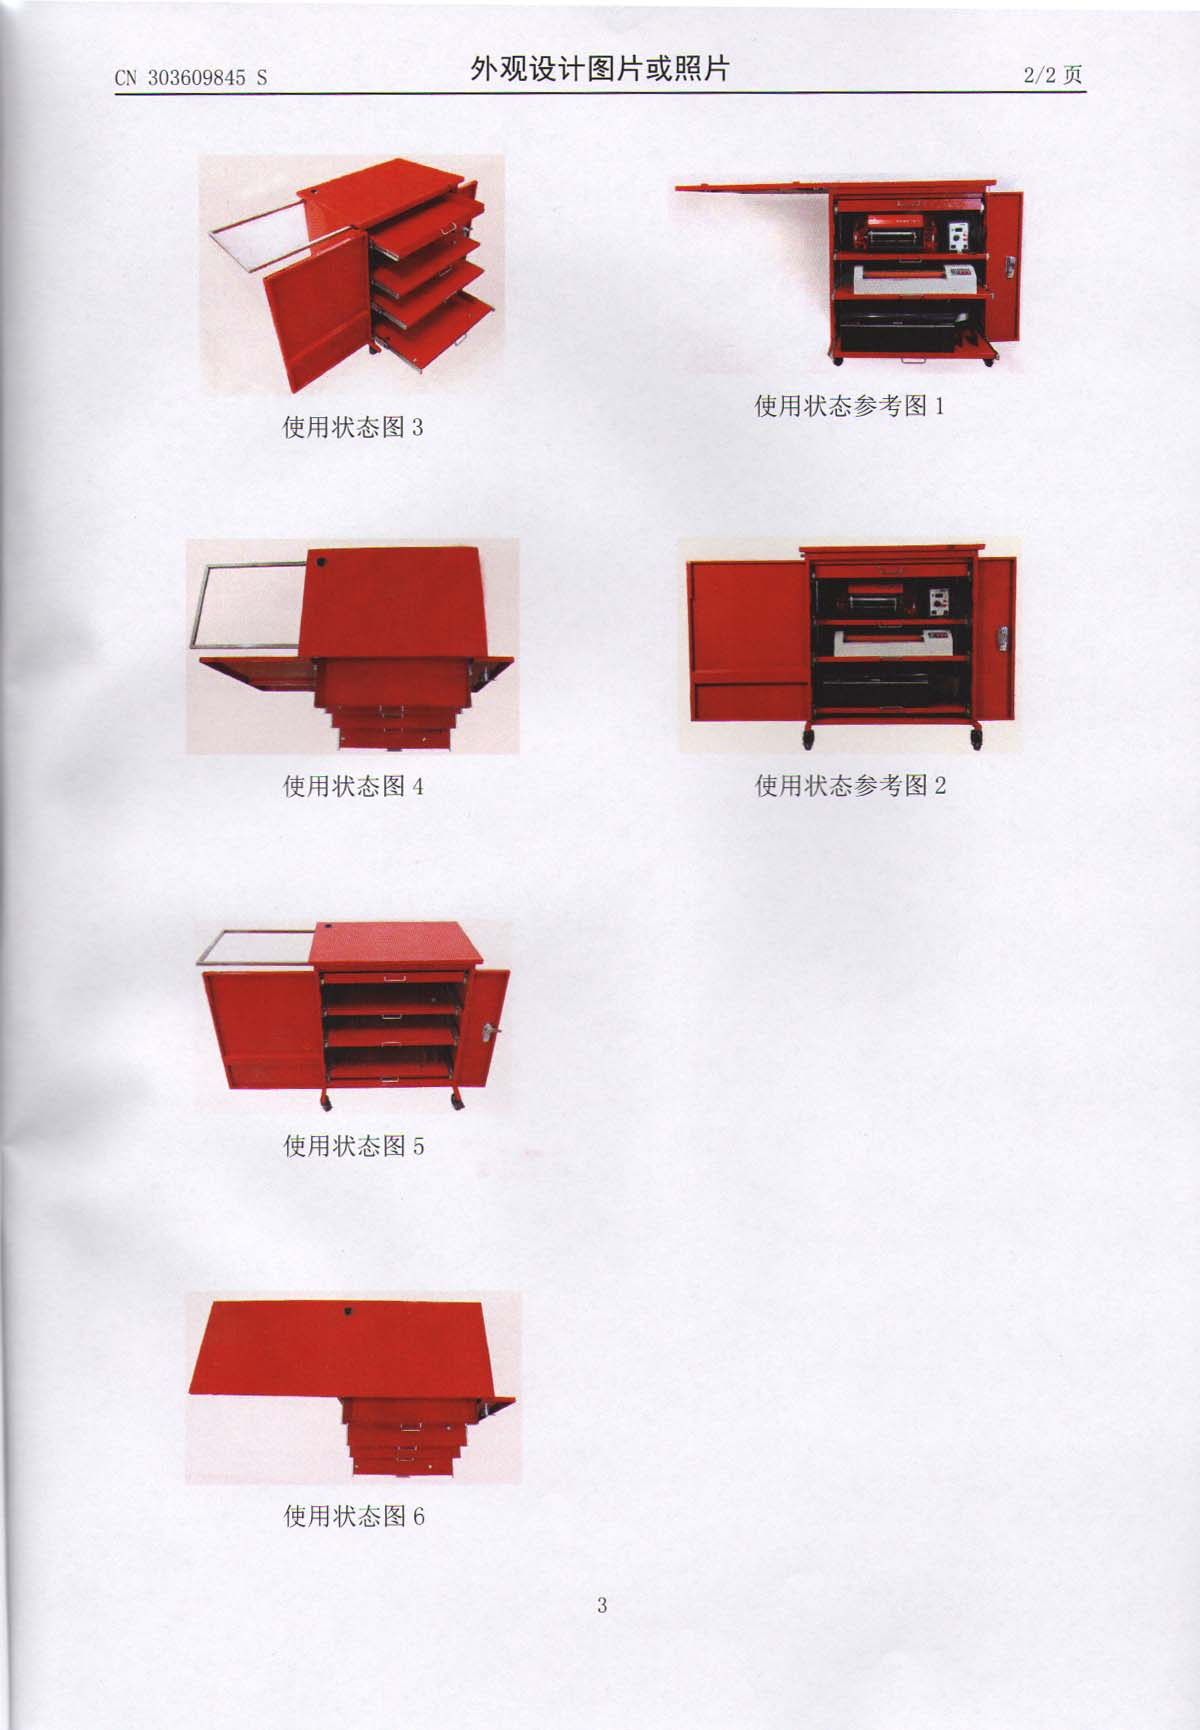 贺:大秦红红颁发国家荣获的外观设计客厅专利室内证书太大怎么设计图图片